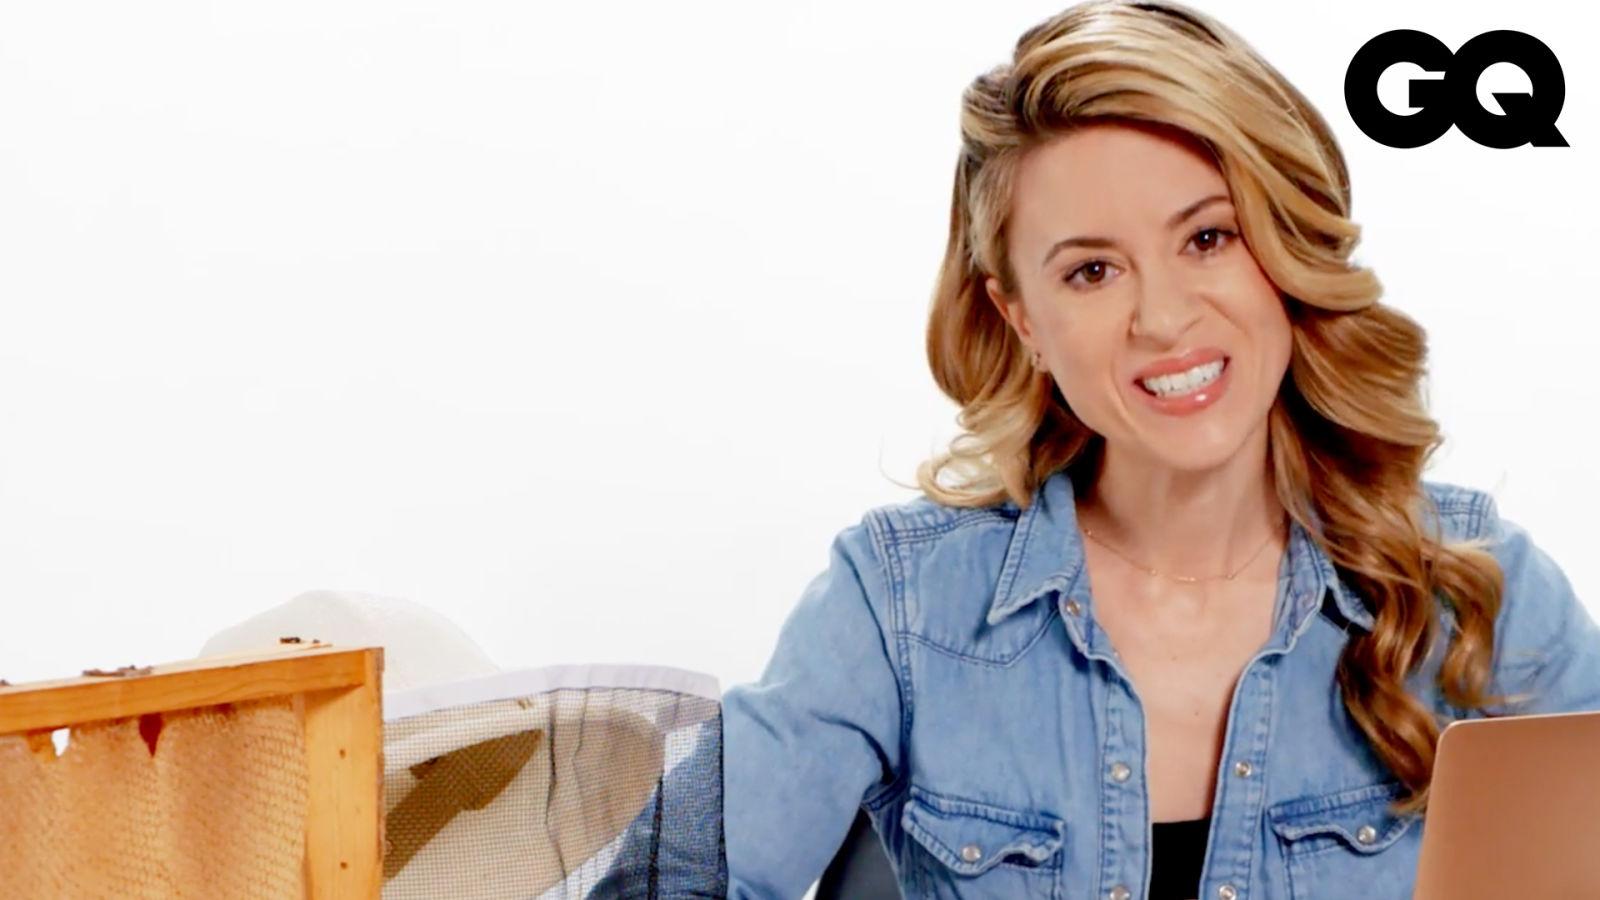 養蜂專家就是要隨身帶蜂后!養蜂女下凡解答問題:「蜜蜂界也有奧運?」 Beekeeper Answers Bee Questions From Twitter|名人專業問答|GQ Taiwan